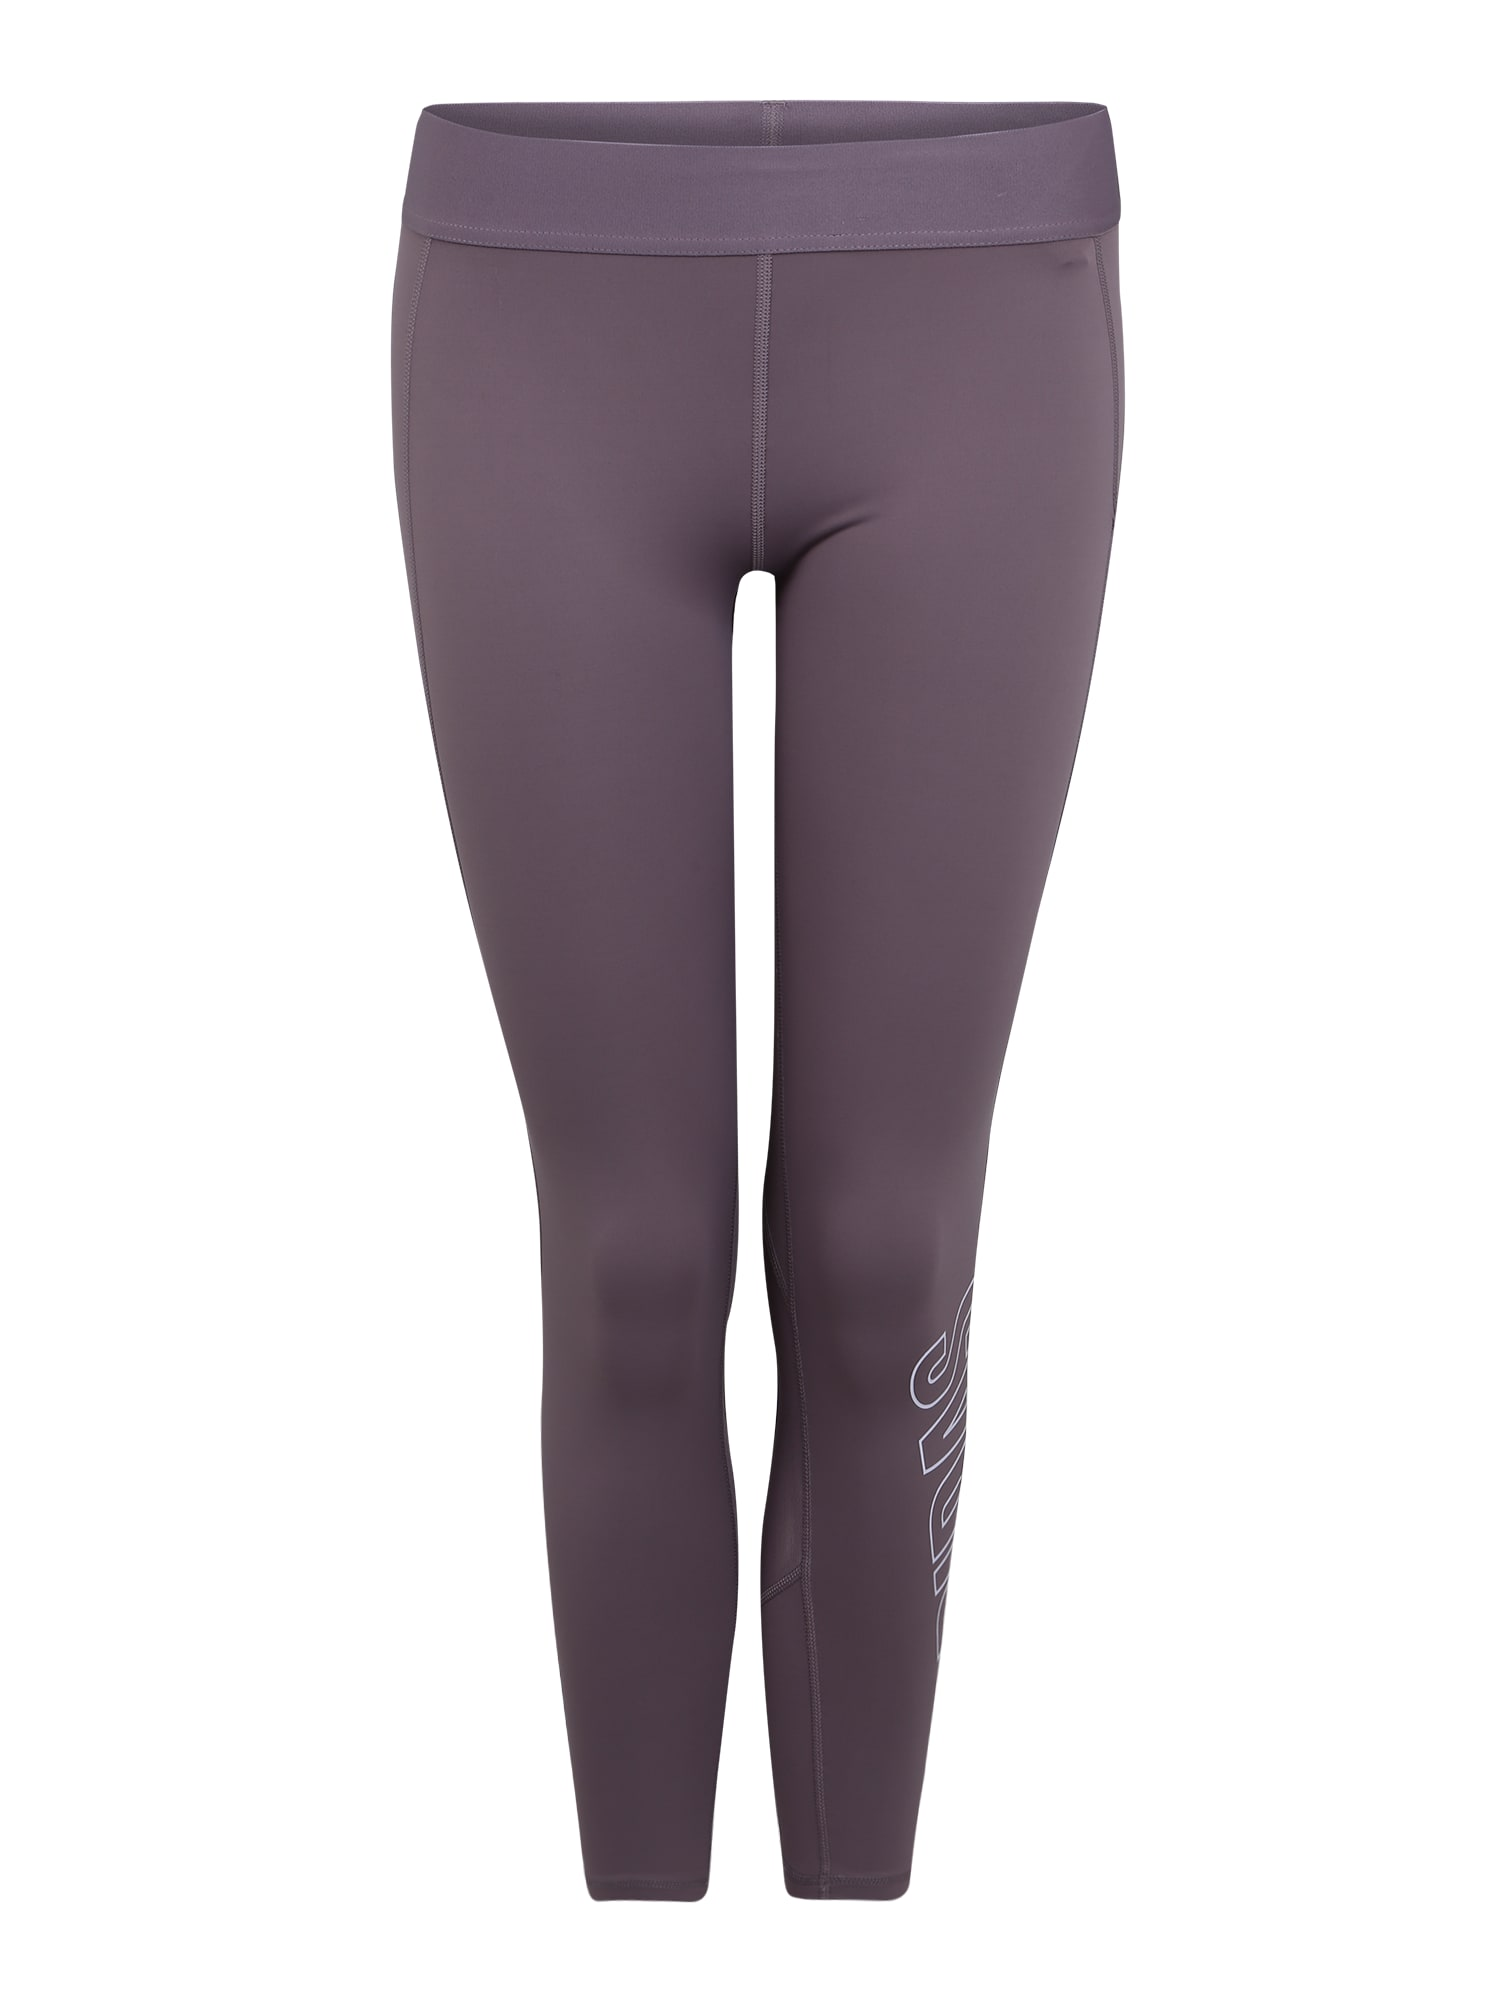 ADIDAS PERFORMANCE Sportinės kelnės 'Alpha Skin' purpurinė